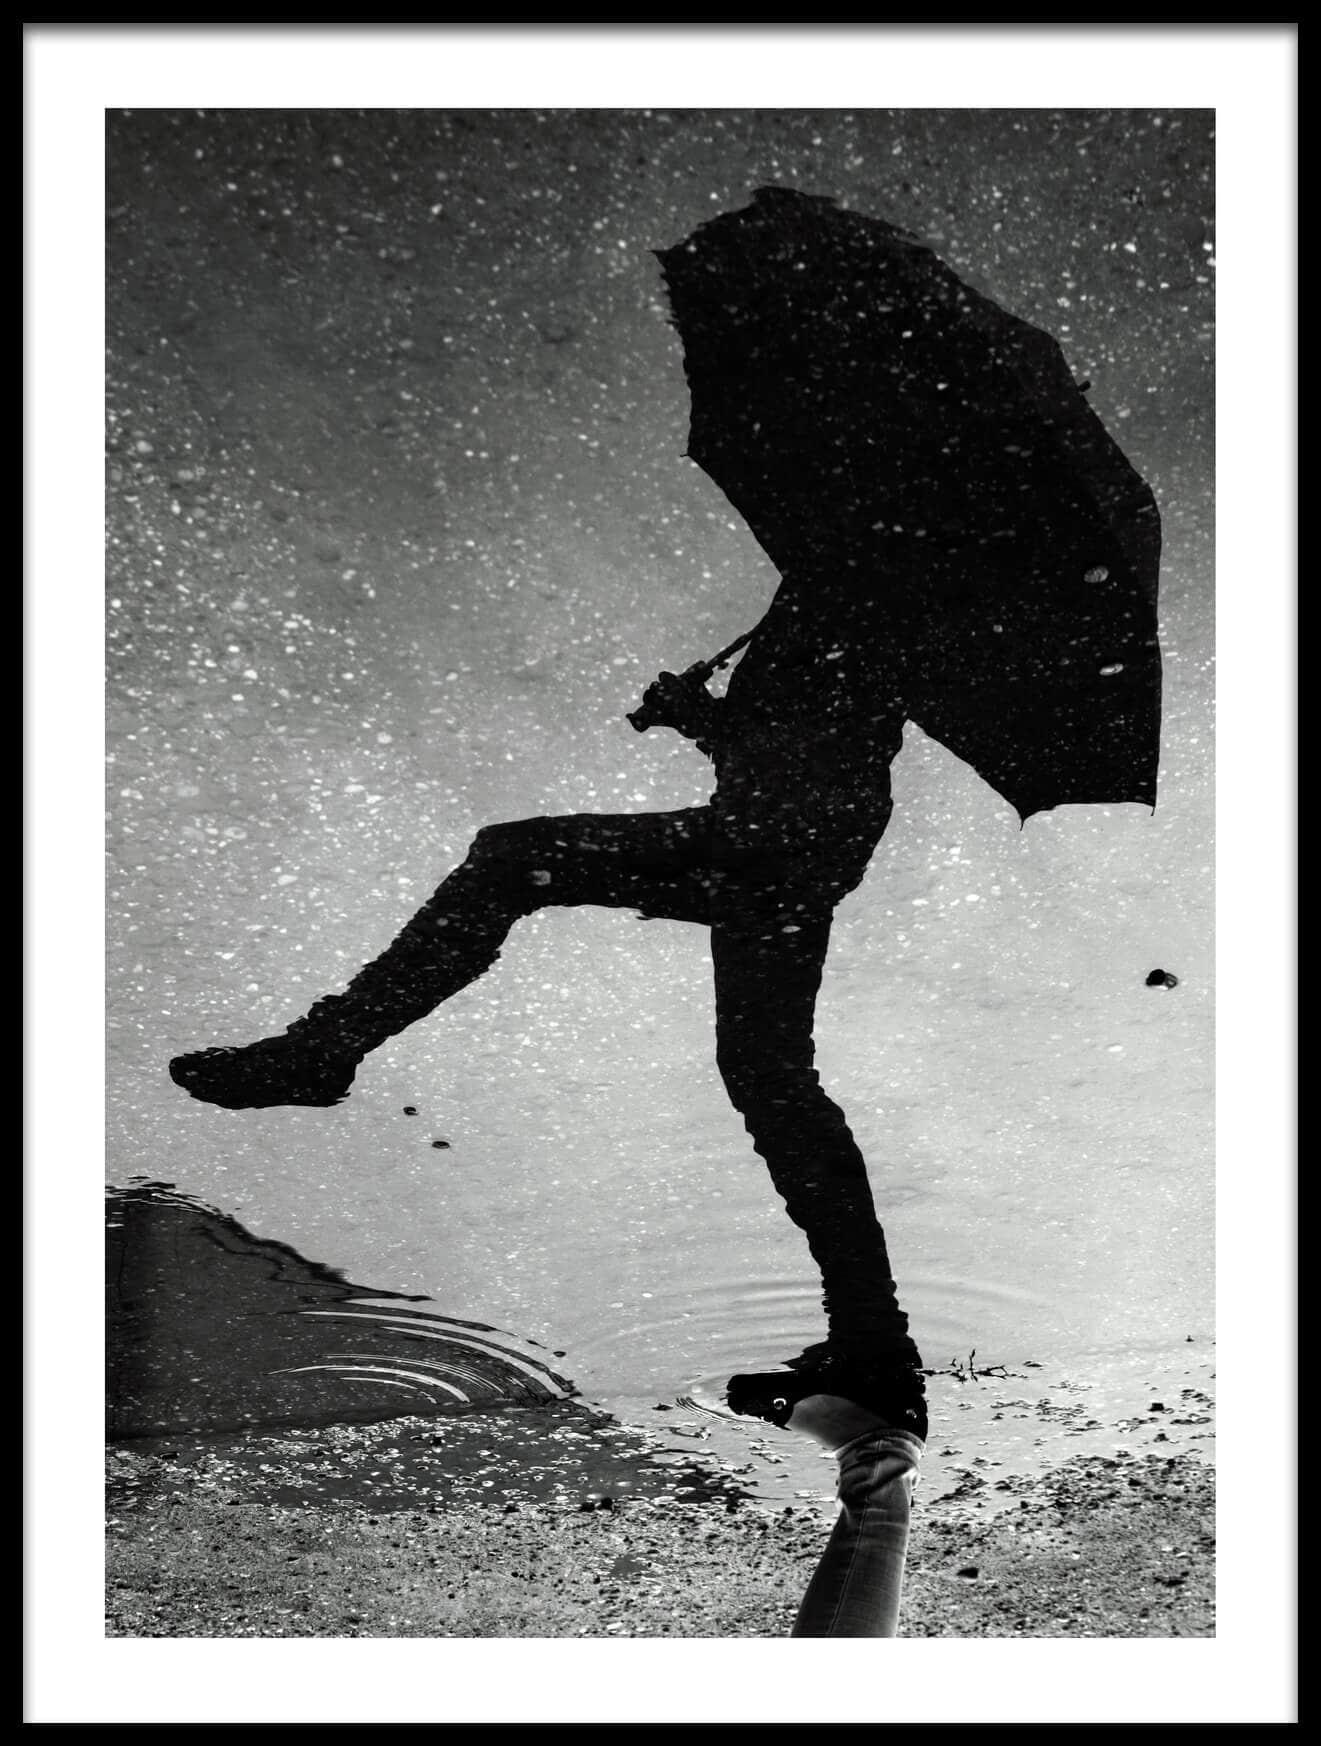 wall-art-poster-skywalker-28075-1700